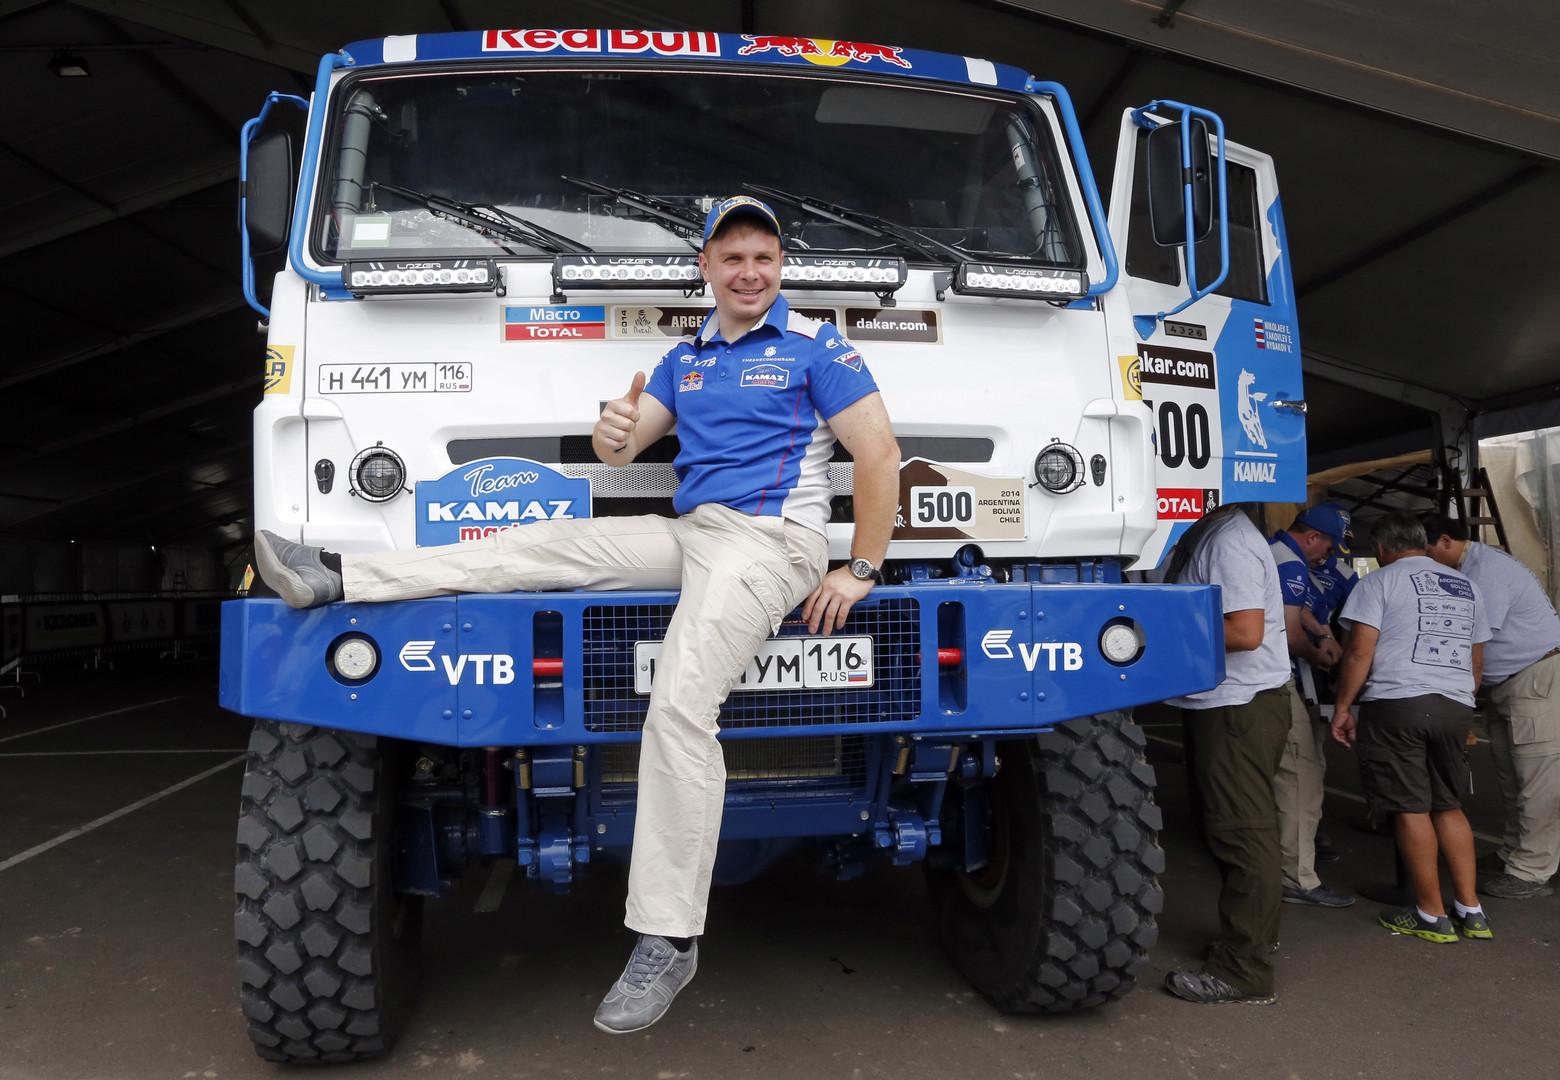 «Наш допинг — спортзал, отжимания и приседания»: Эдуард Николаев о победе на «Дакаре»